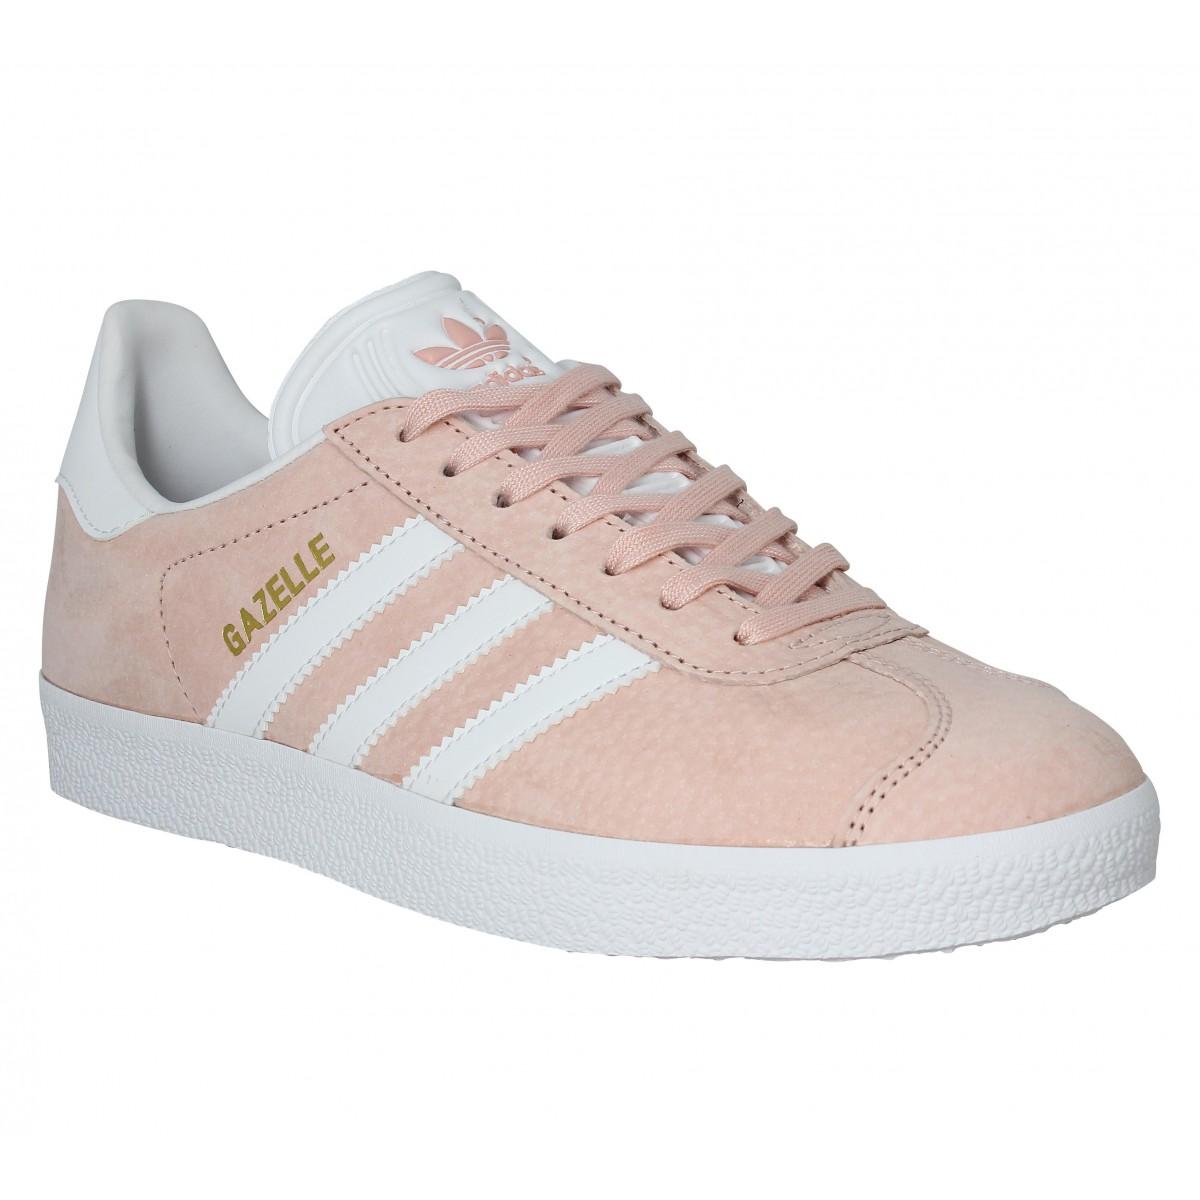 chaussures de sport 06439 3959e Vente Bas Femme De Basket Gazelle Prix Adidas Liquidation ...